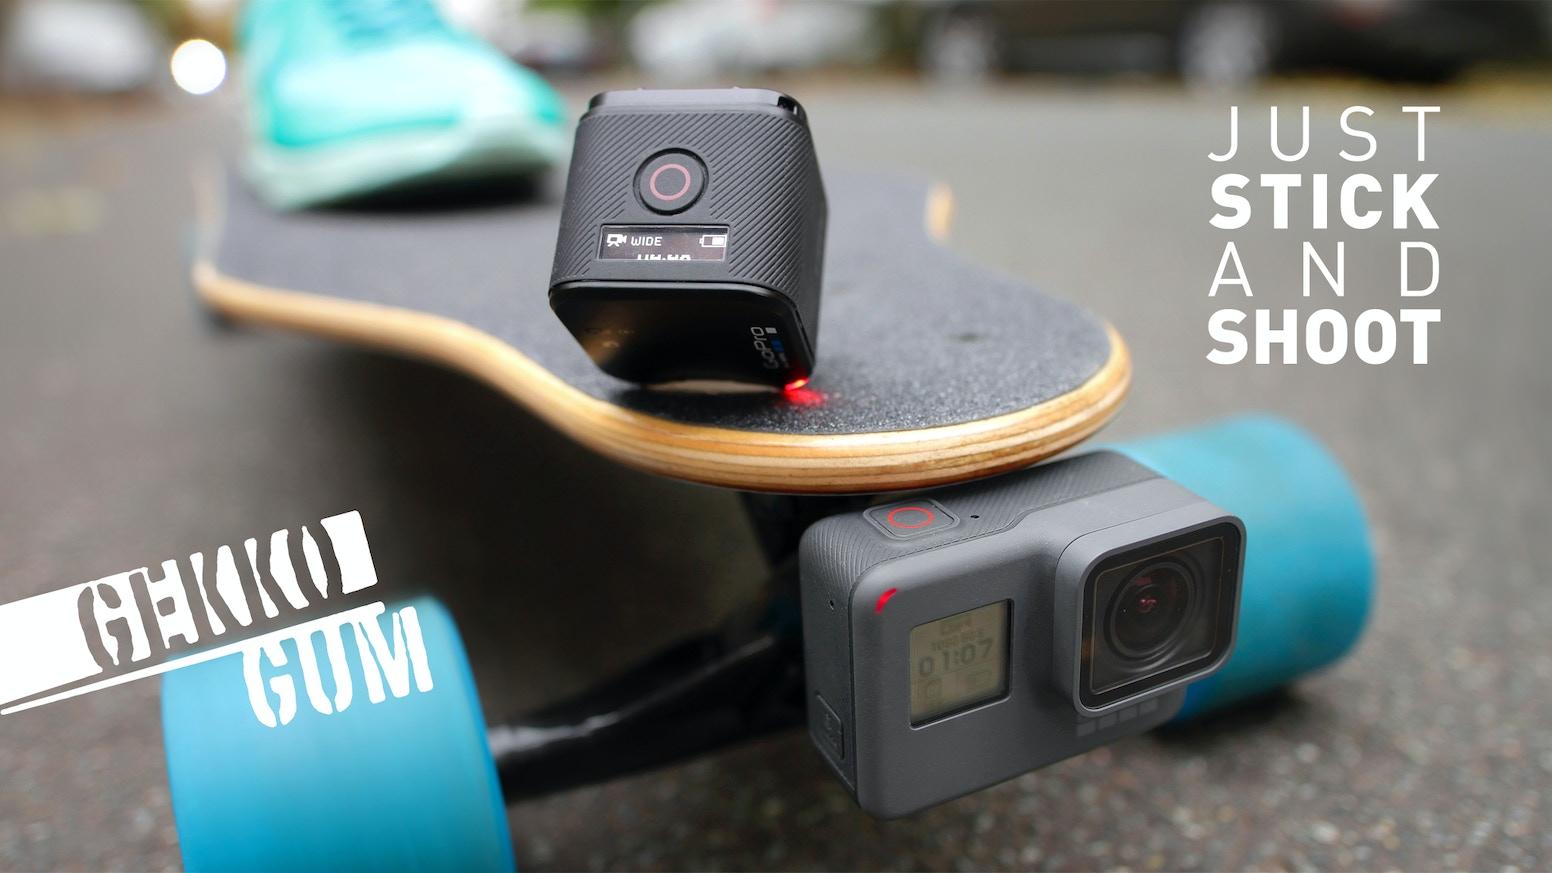 GekkoGum - the quickest GoPro® and Smartphone mount by